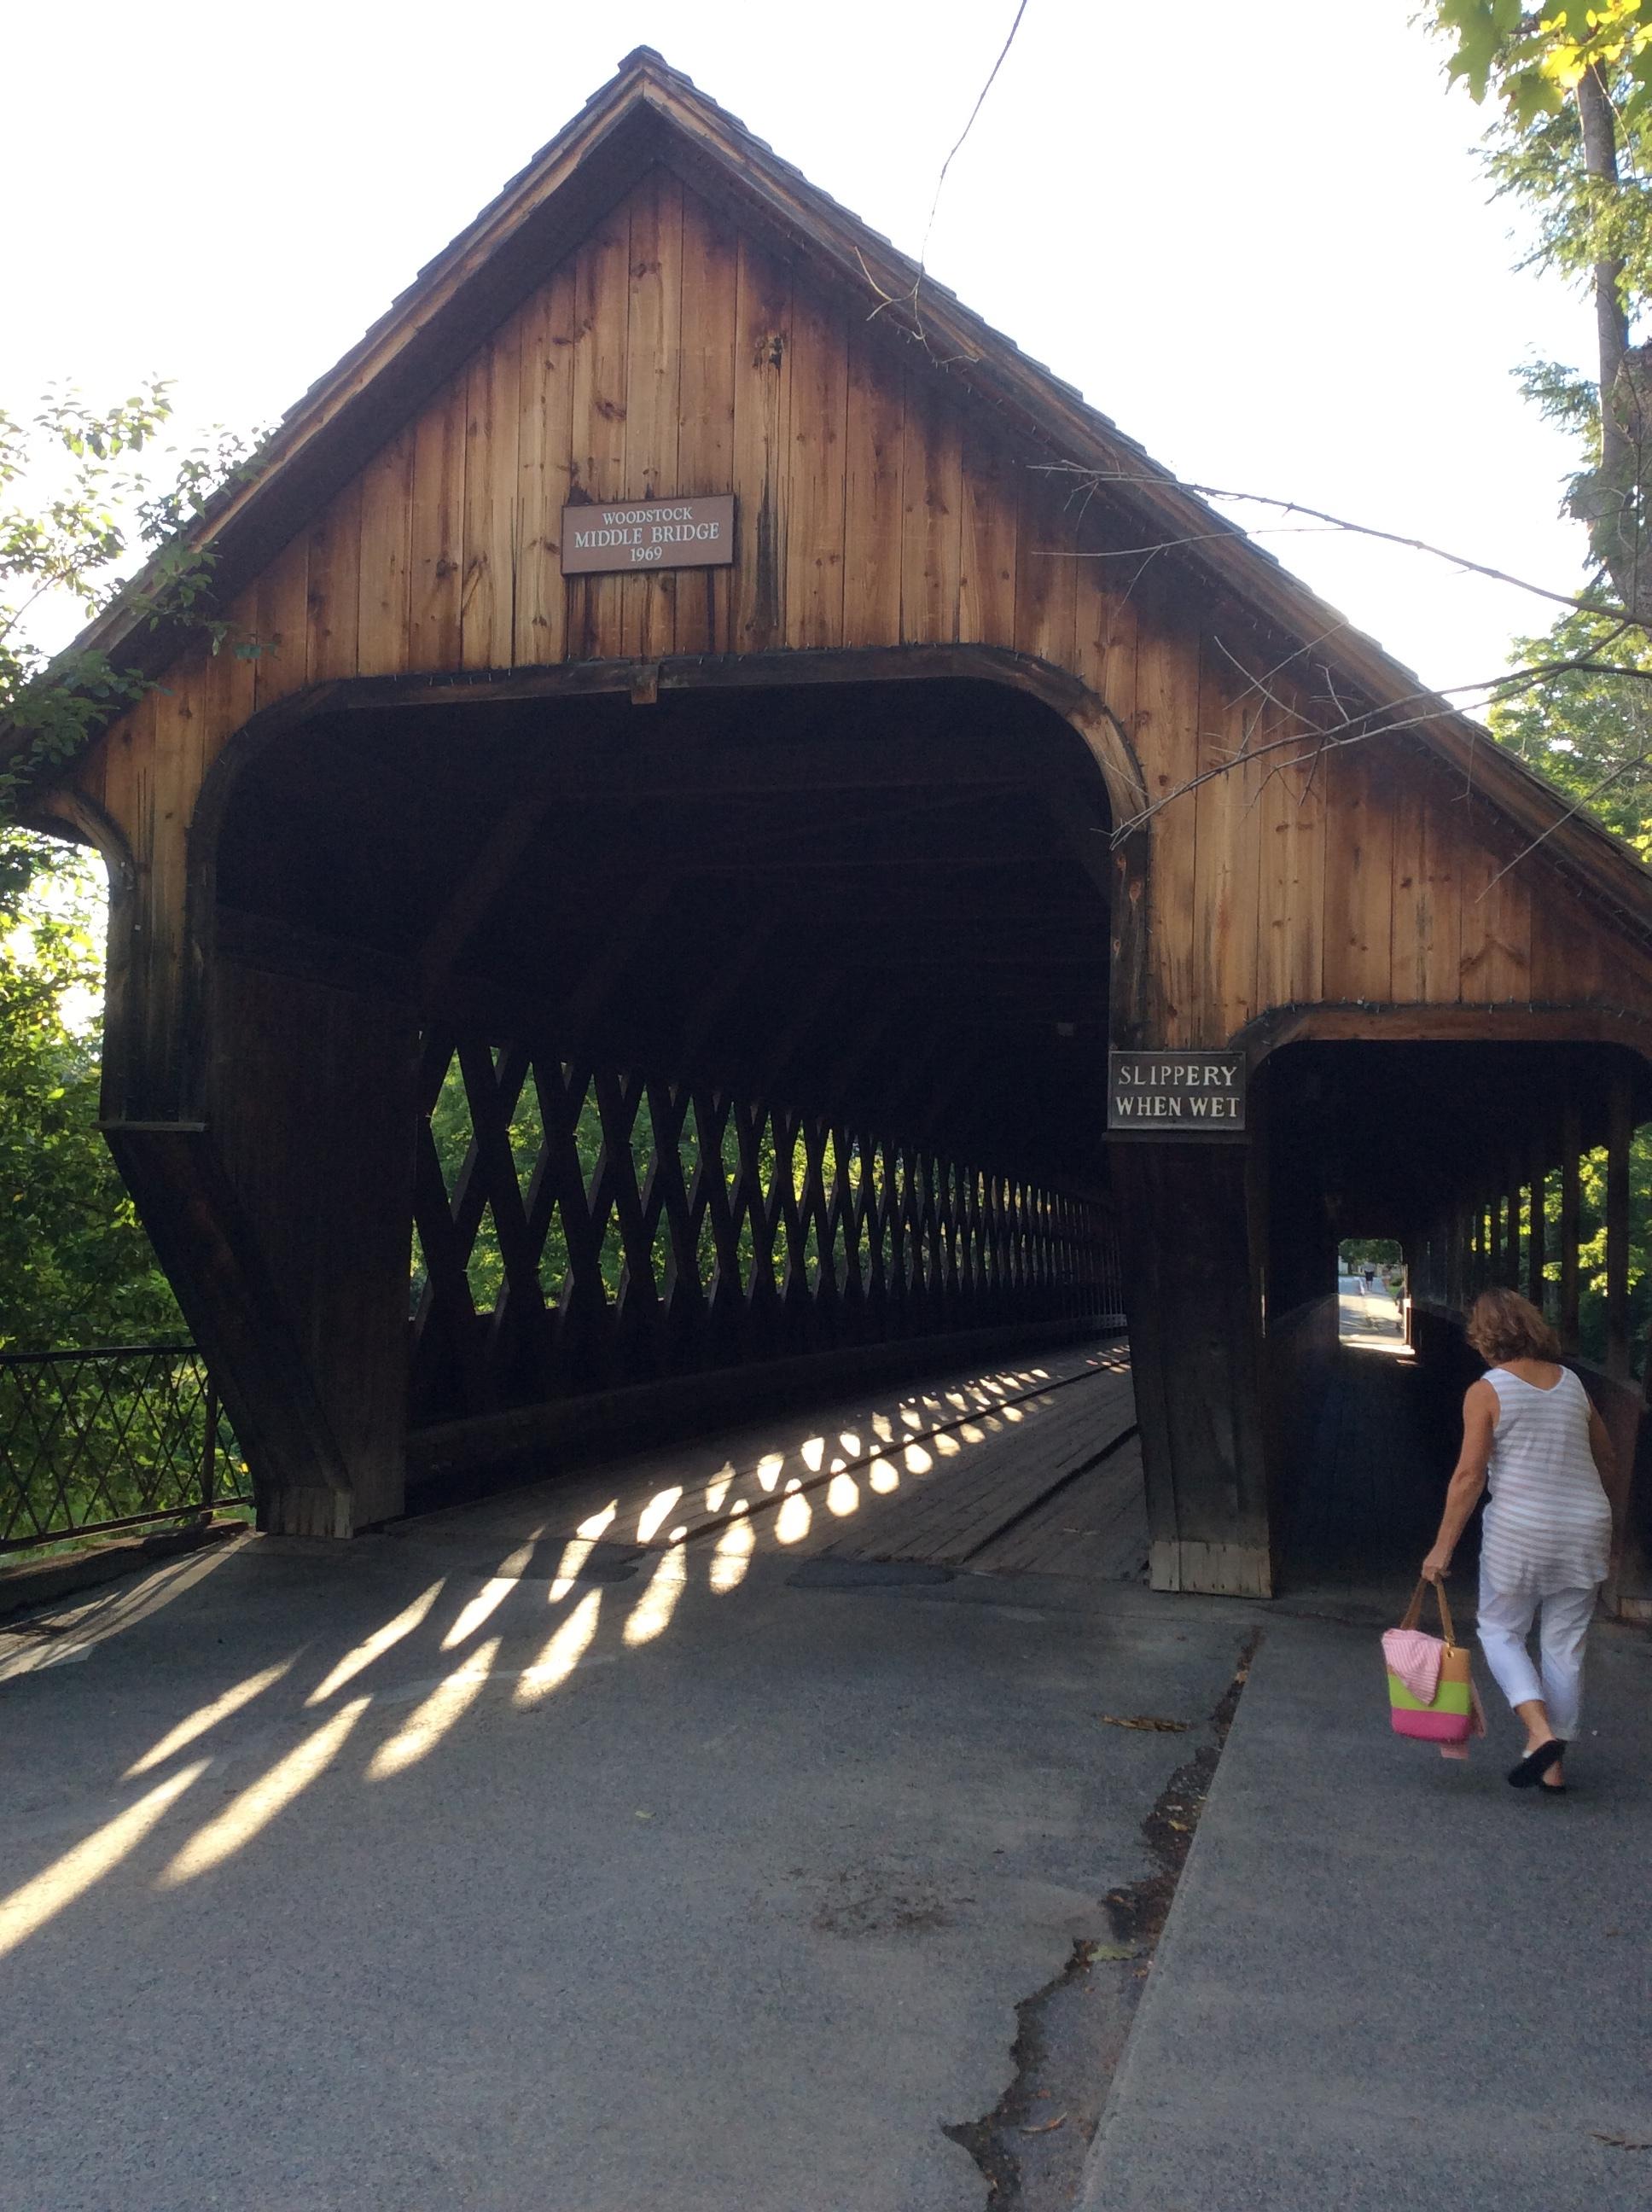 Woodstock's covered bridge